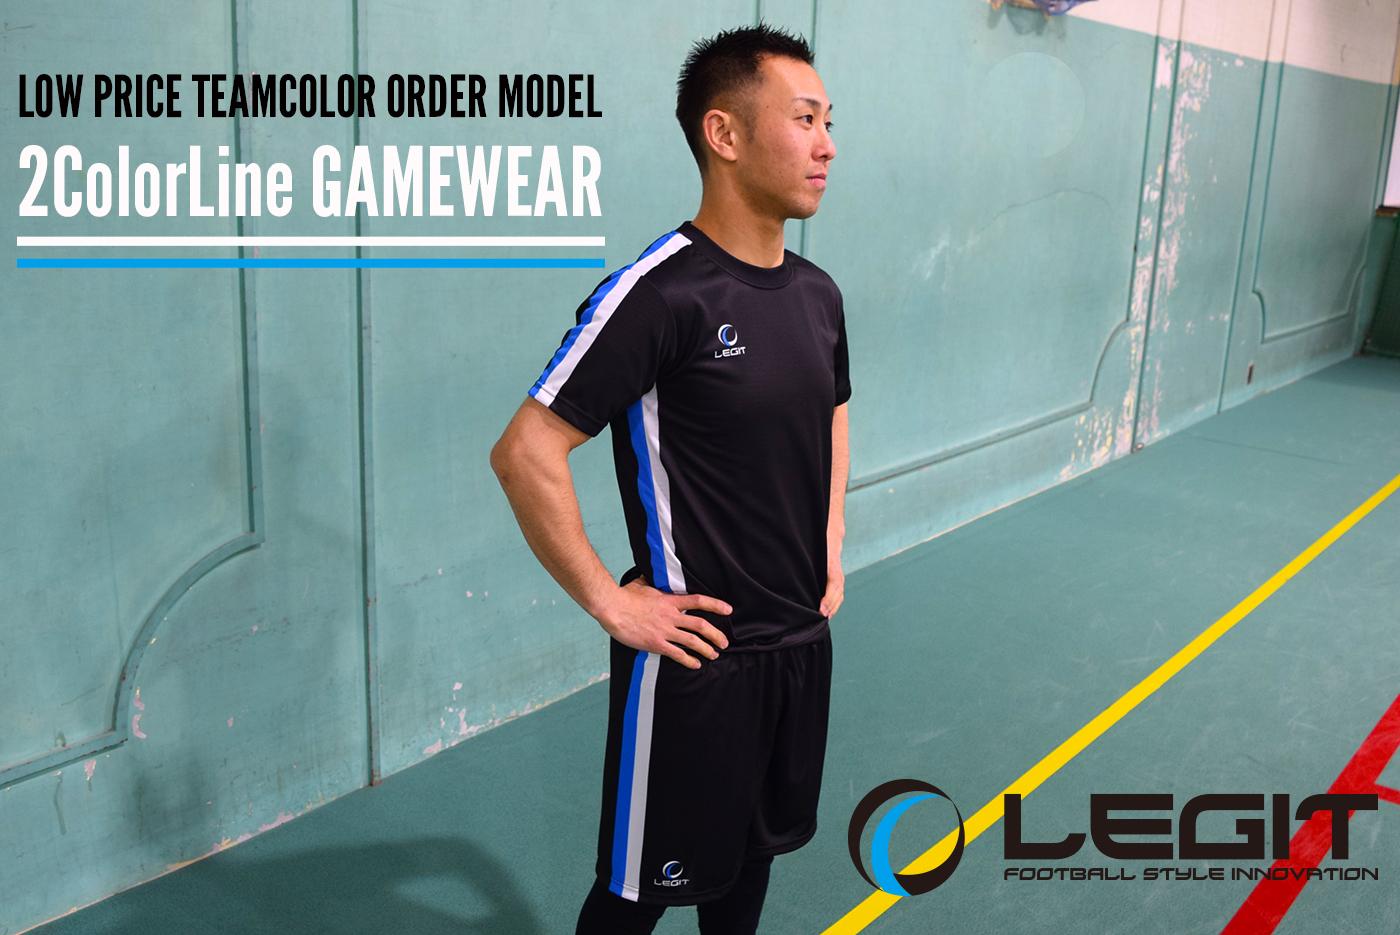 LEGIT/レジット 2カラーラインゲームパンツ LG-R72